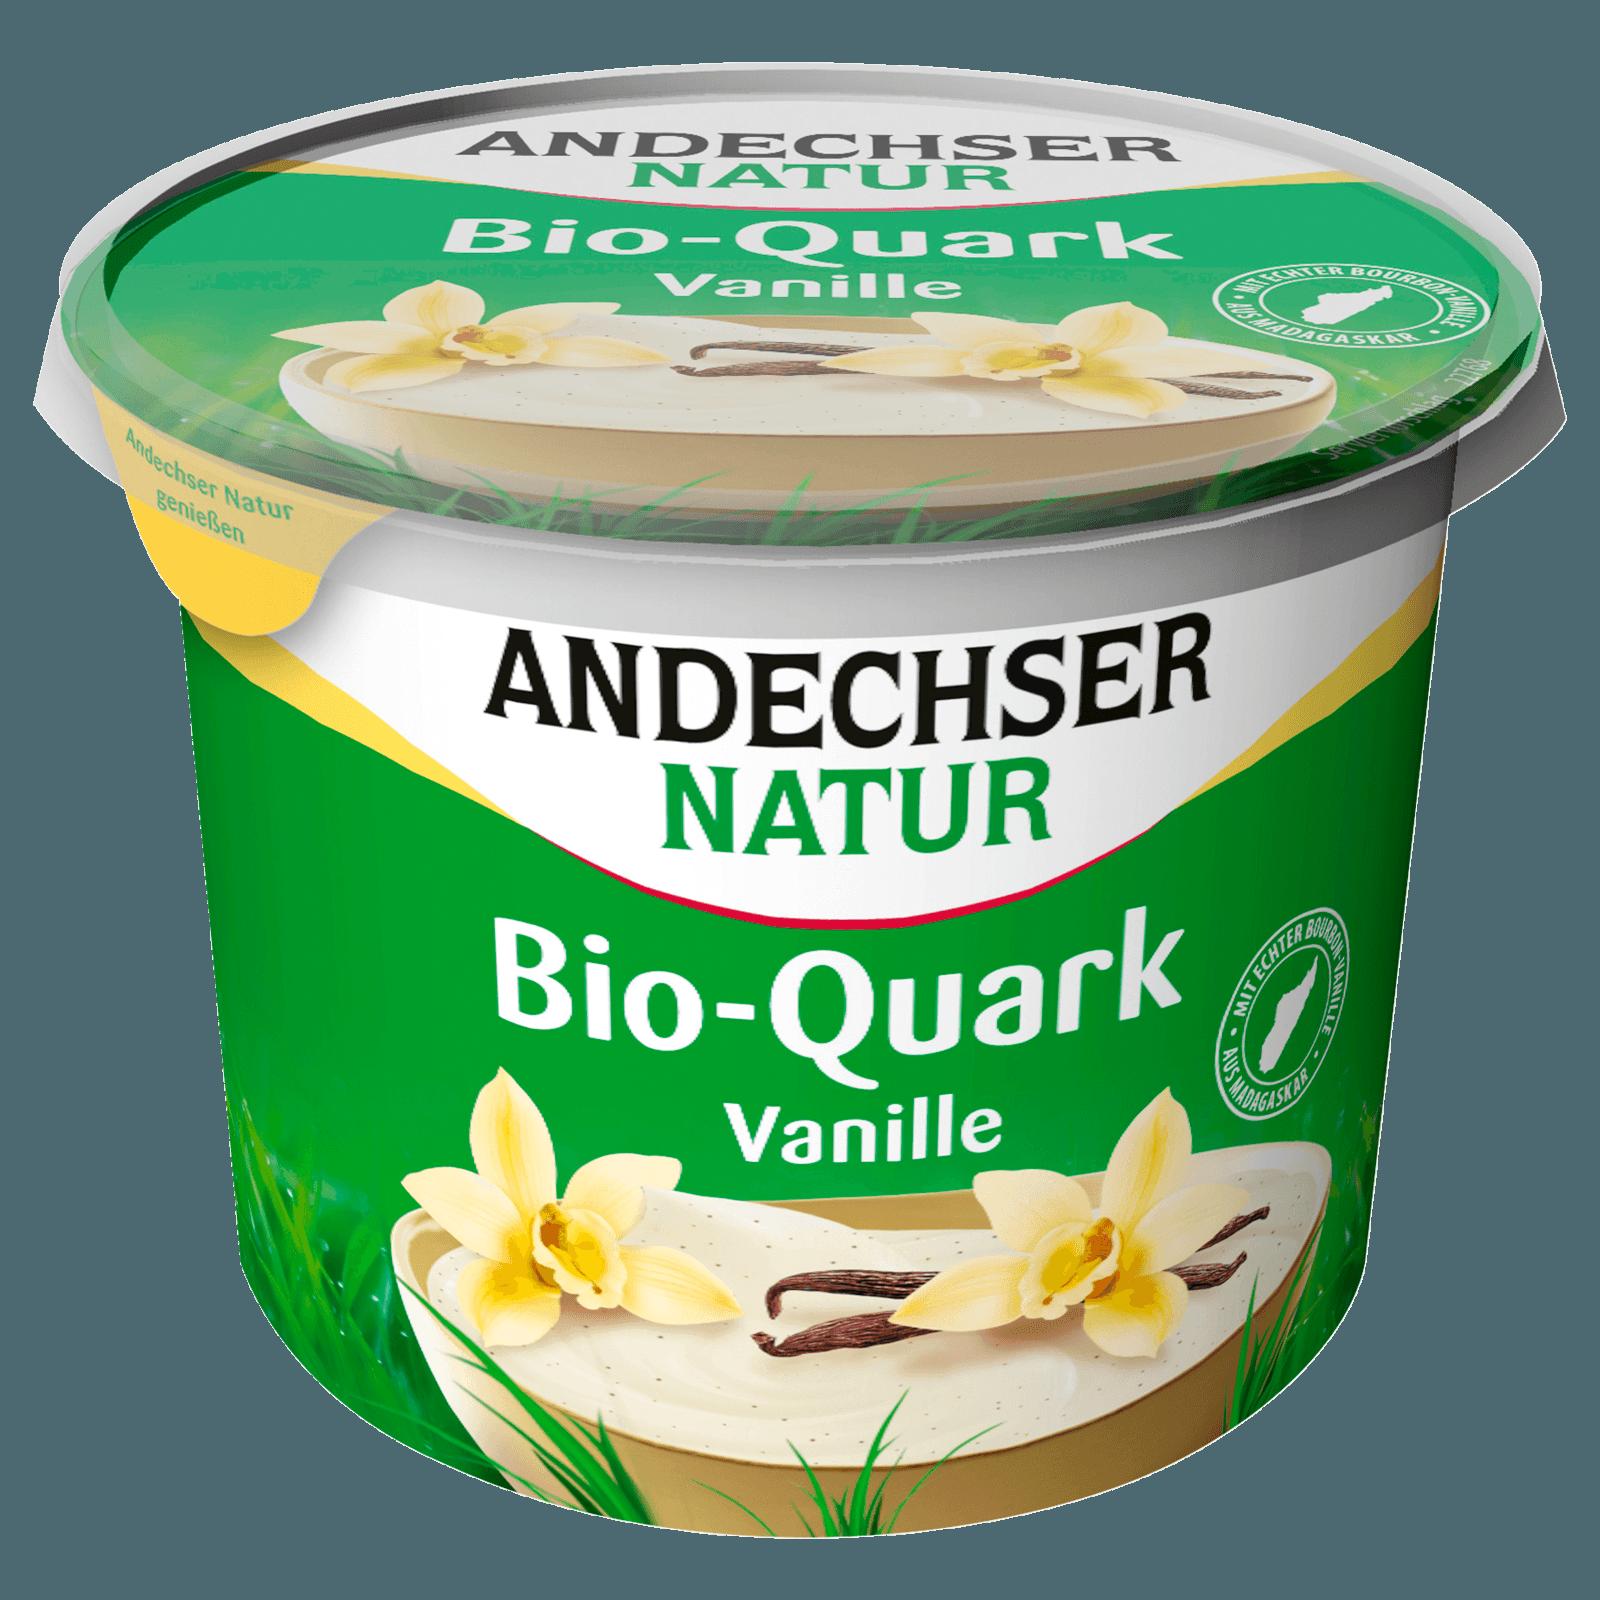 Andechser Natur Bio-Fruchtquark Vanille 450g